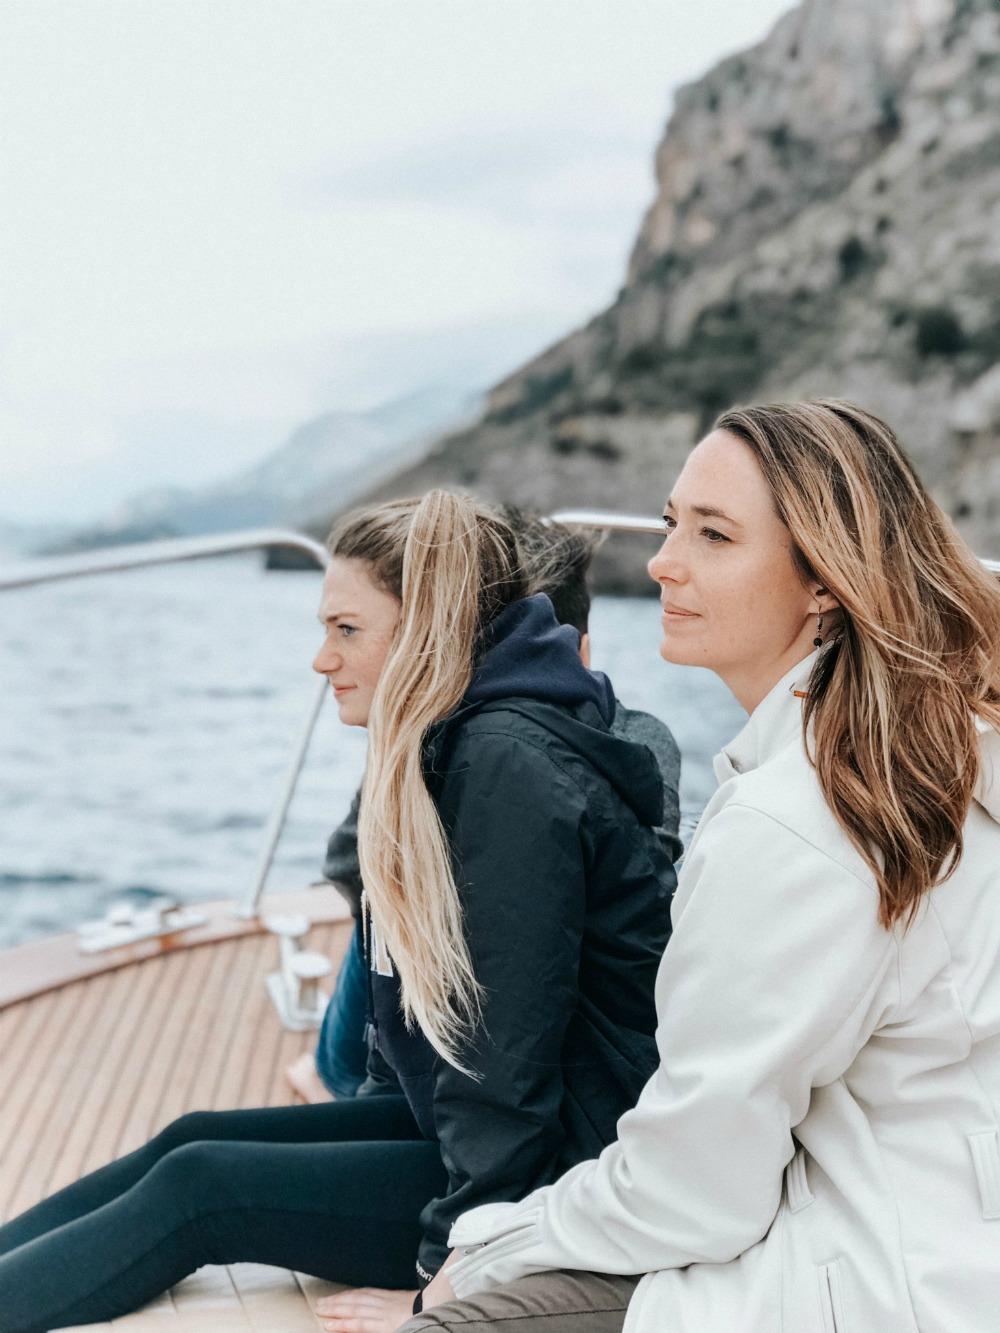 positano italy boat tour